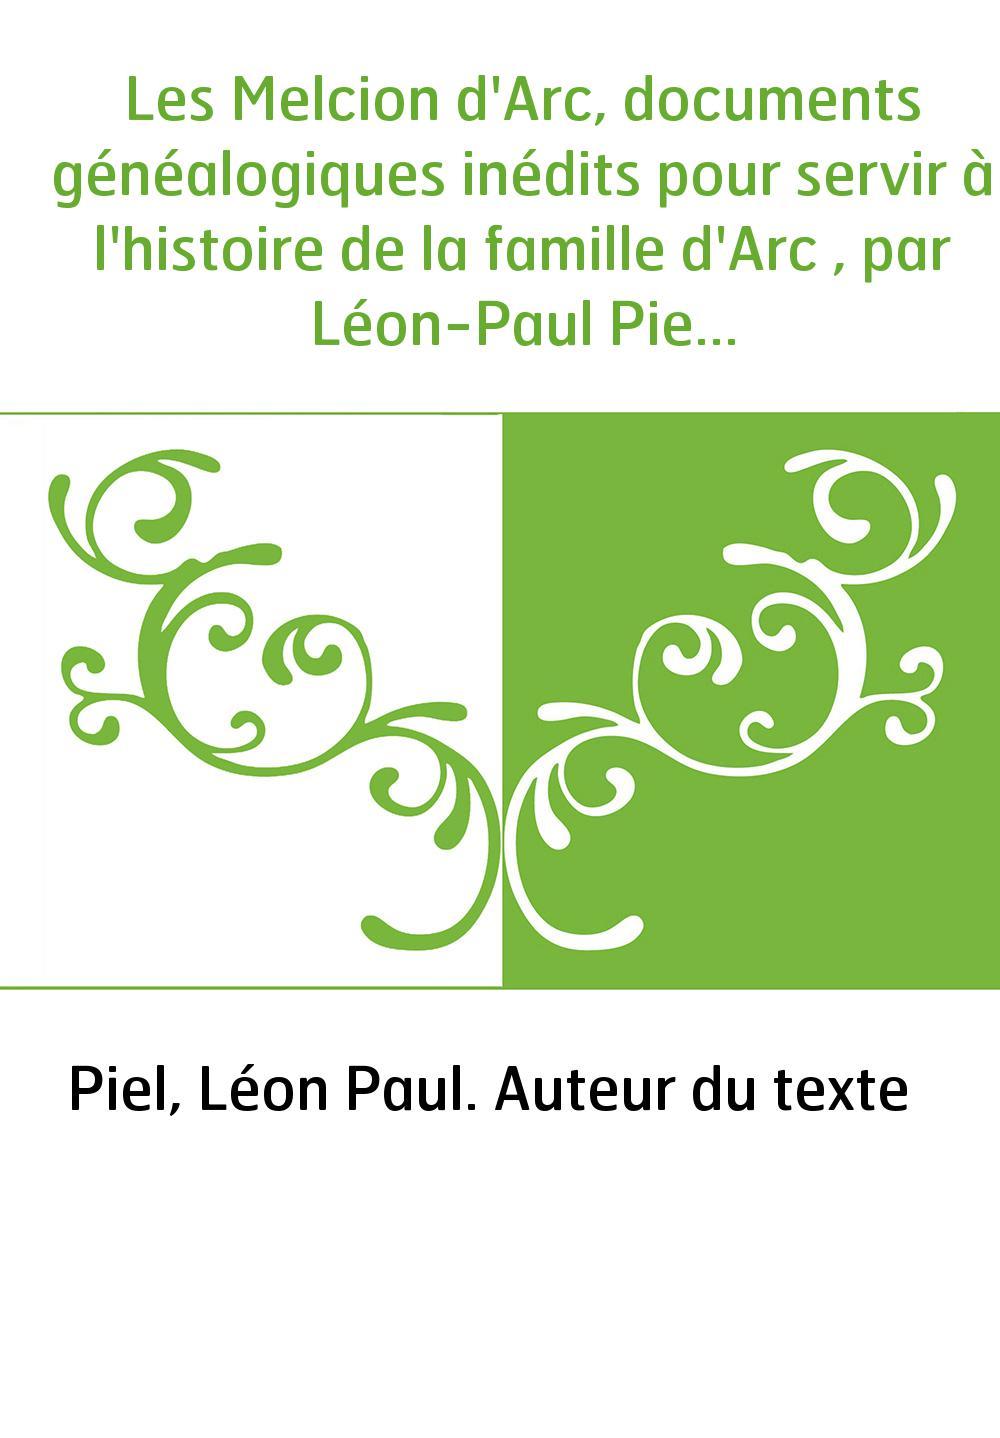 Les Melcion d'Arc, documents généalogiques inédits pour servir à l'histoire de la famille d'Arc , par Léon-Paul Piel. Avec une p